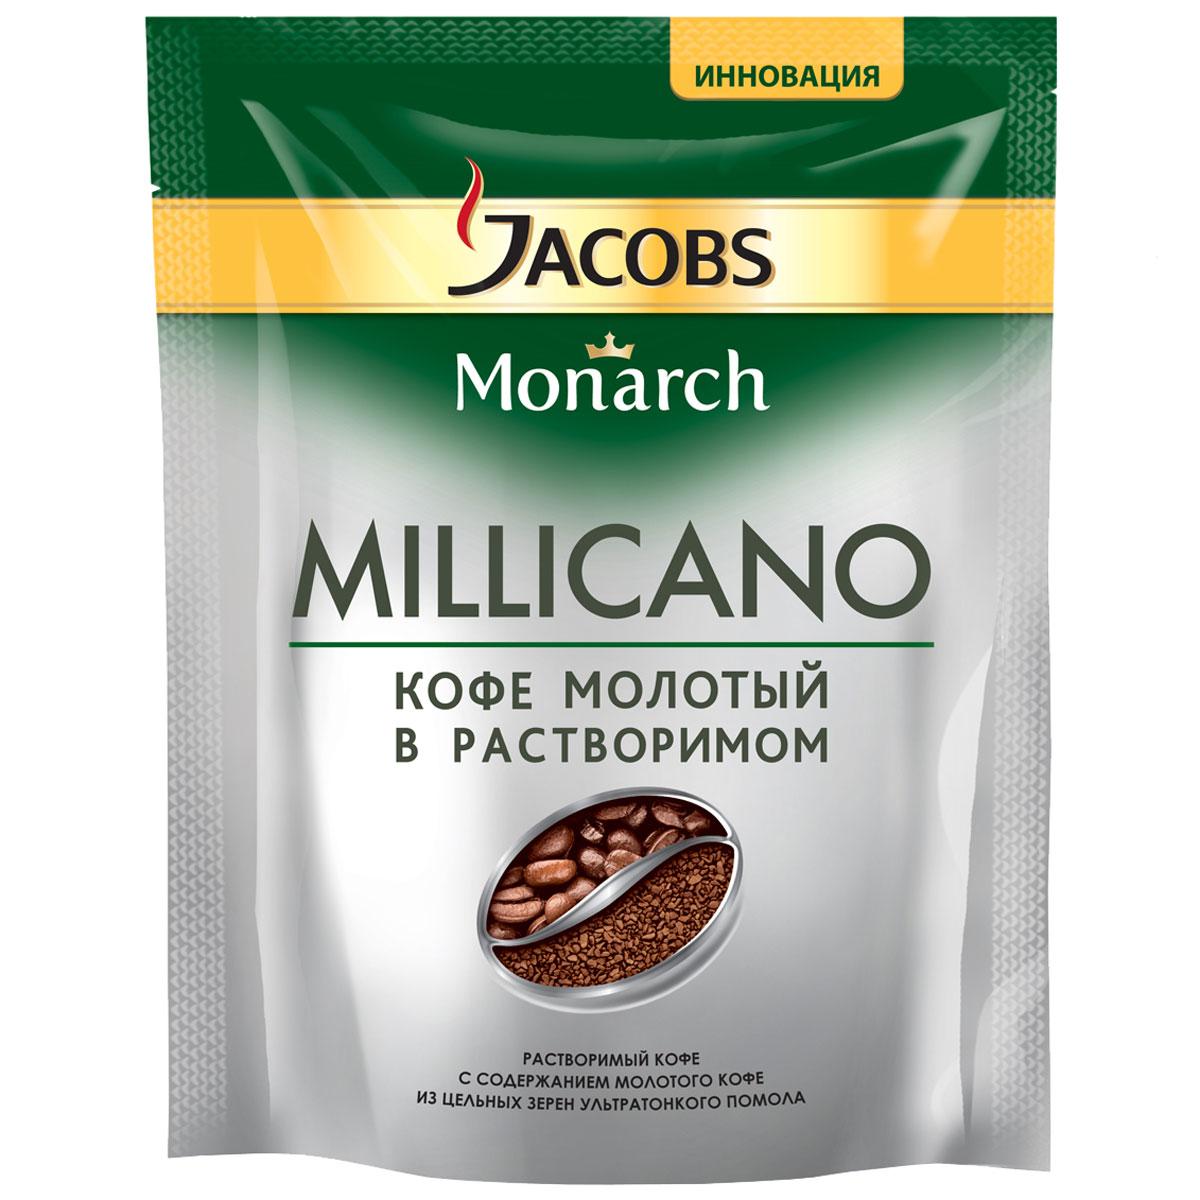 Jacobs Monarch Millicano кофе растворимый, 75 г (пакет)0120710Jacobs Monarch Millicano - это кофе нового поколения молотый в растворимом. Новый Jacobs Monarch Millicano соединил в себе все лучшее от растворимого и натурального молотого кофе - плотный насыщенный вкус, богатый аромат и быстроту приготовления. Благодаря специальной технологии производства каждая растворимая гранула Millicano содержит в себе частички цельных обжаренных зерен ультратонкого помола, которые отчетливо раскрывают характер кофейного зерна в каждой чашке.